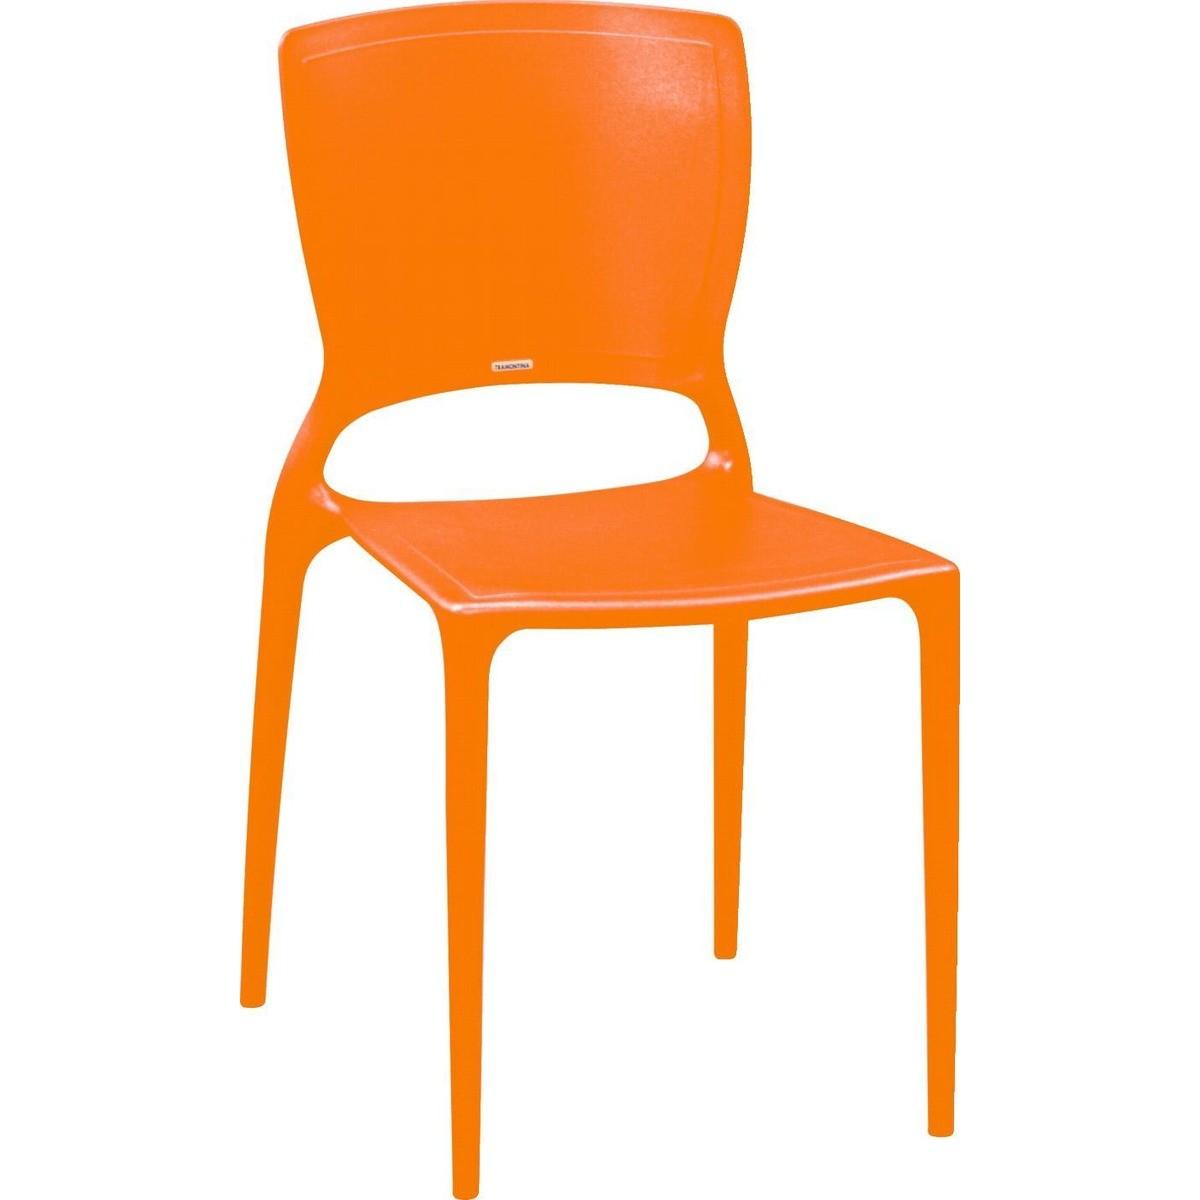 Cadeira Sofia Encosto Fechado Ref. 92236/090 Tramontina Laranja